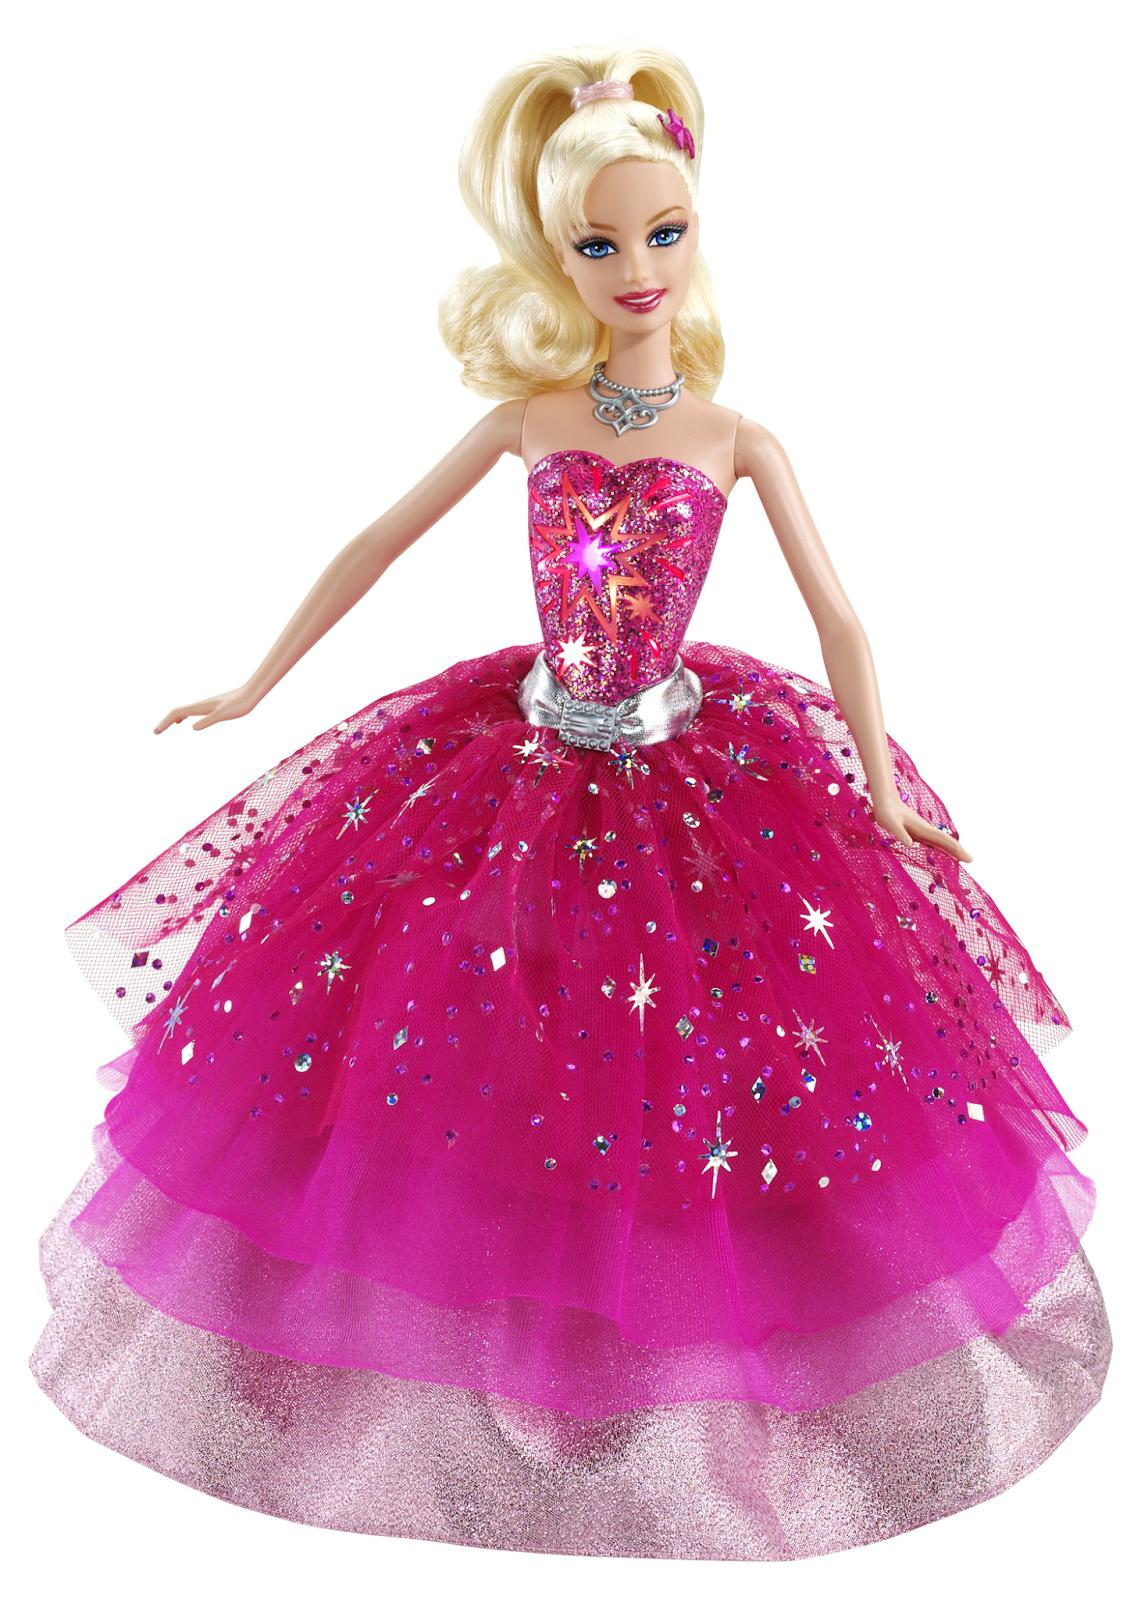 kumpulan gambar boneka barbie cantik dan lucu terbaru